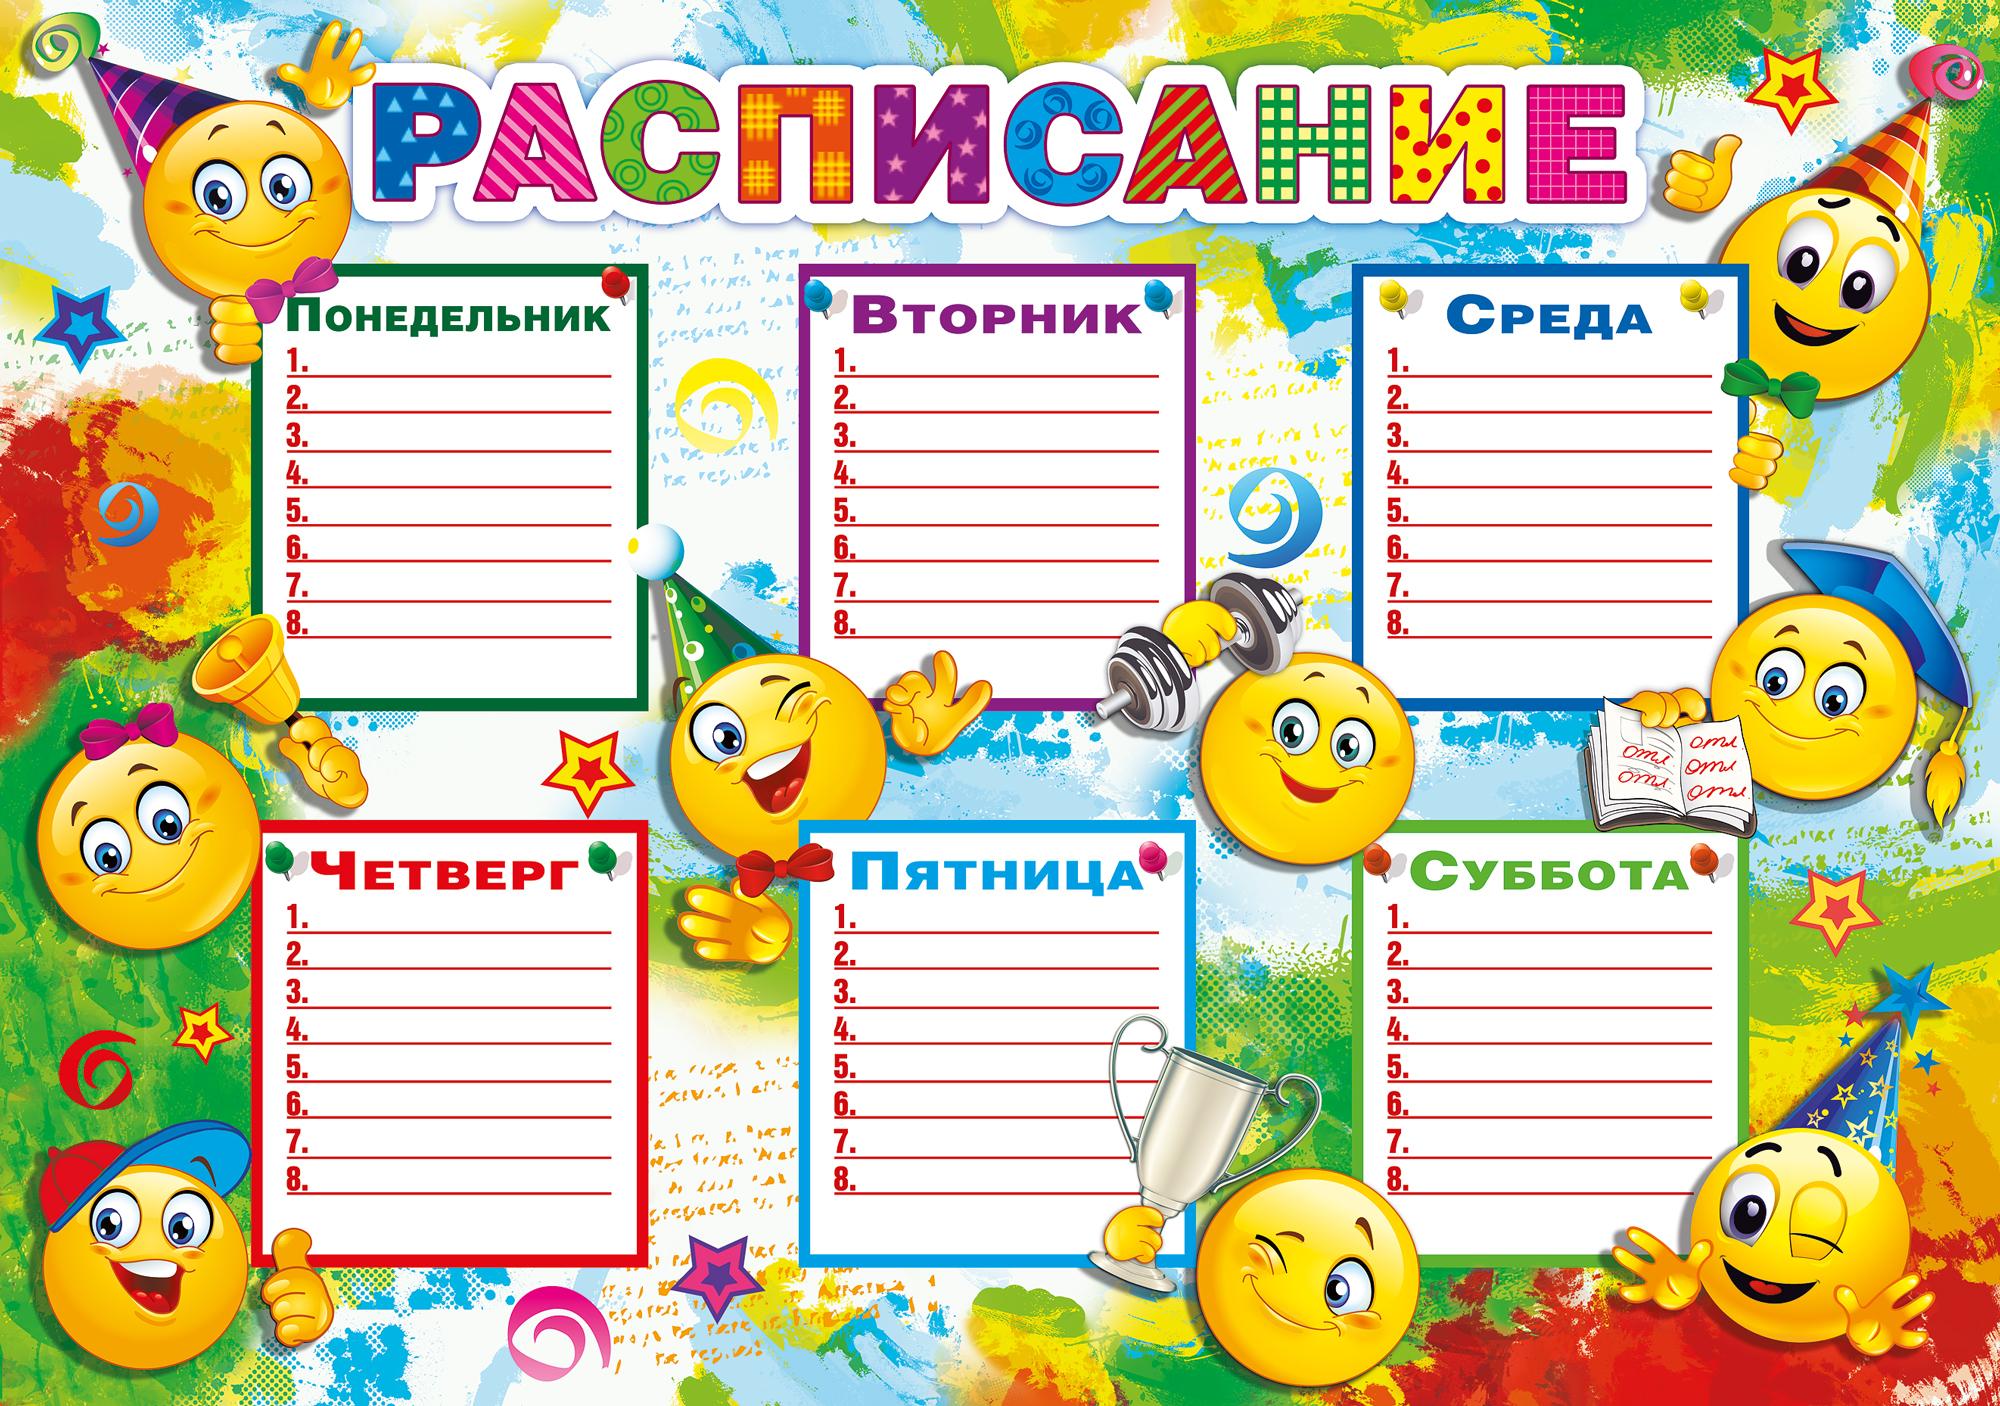 Расписание уроков открытки, раскраски